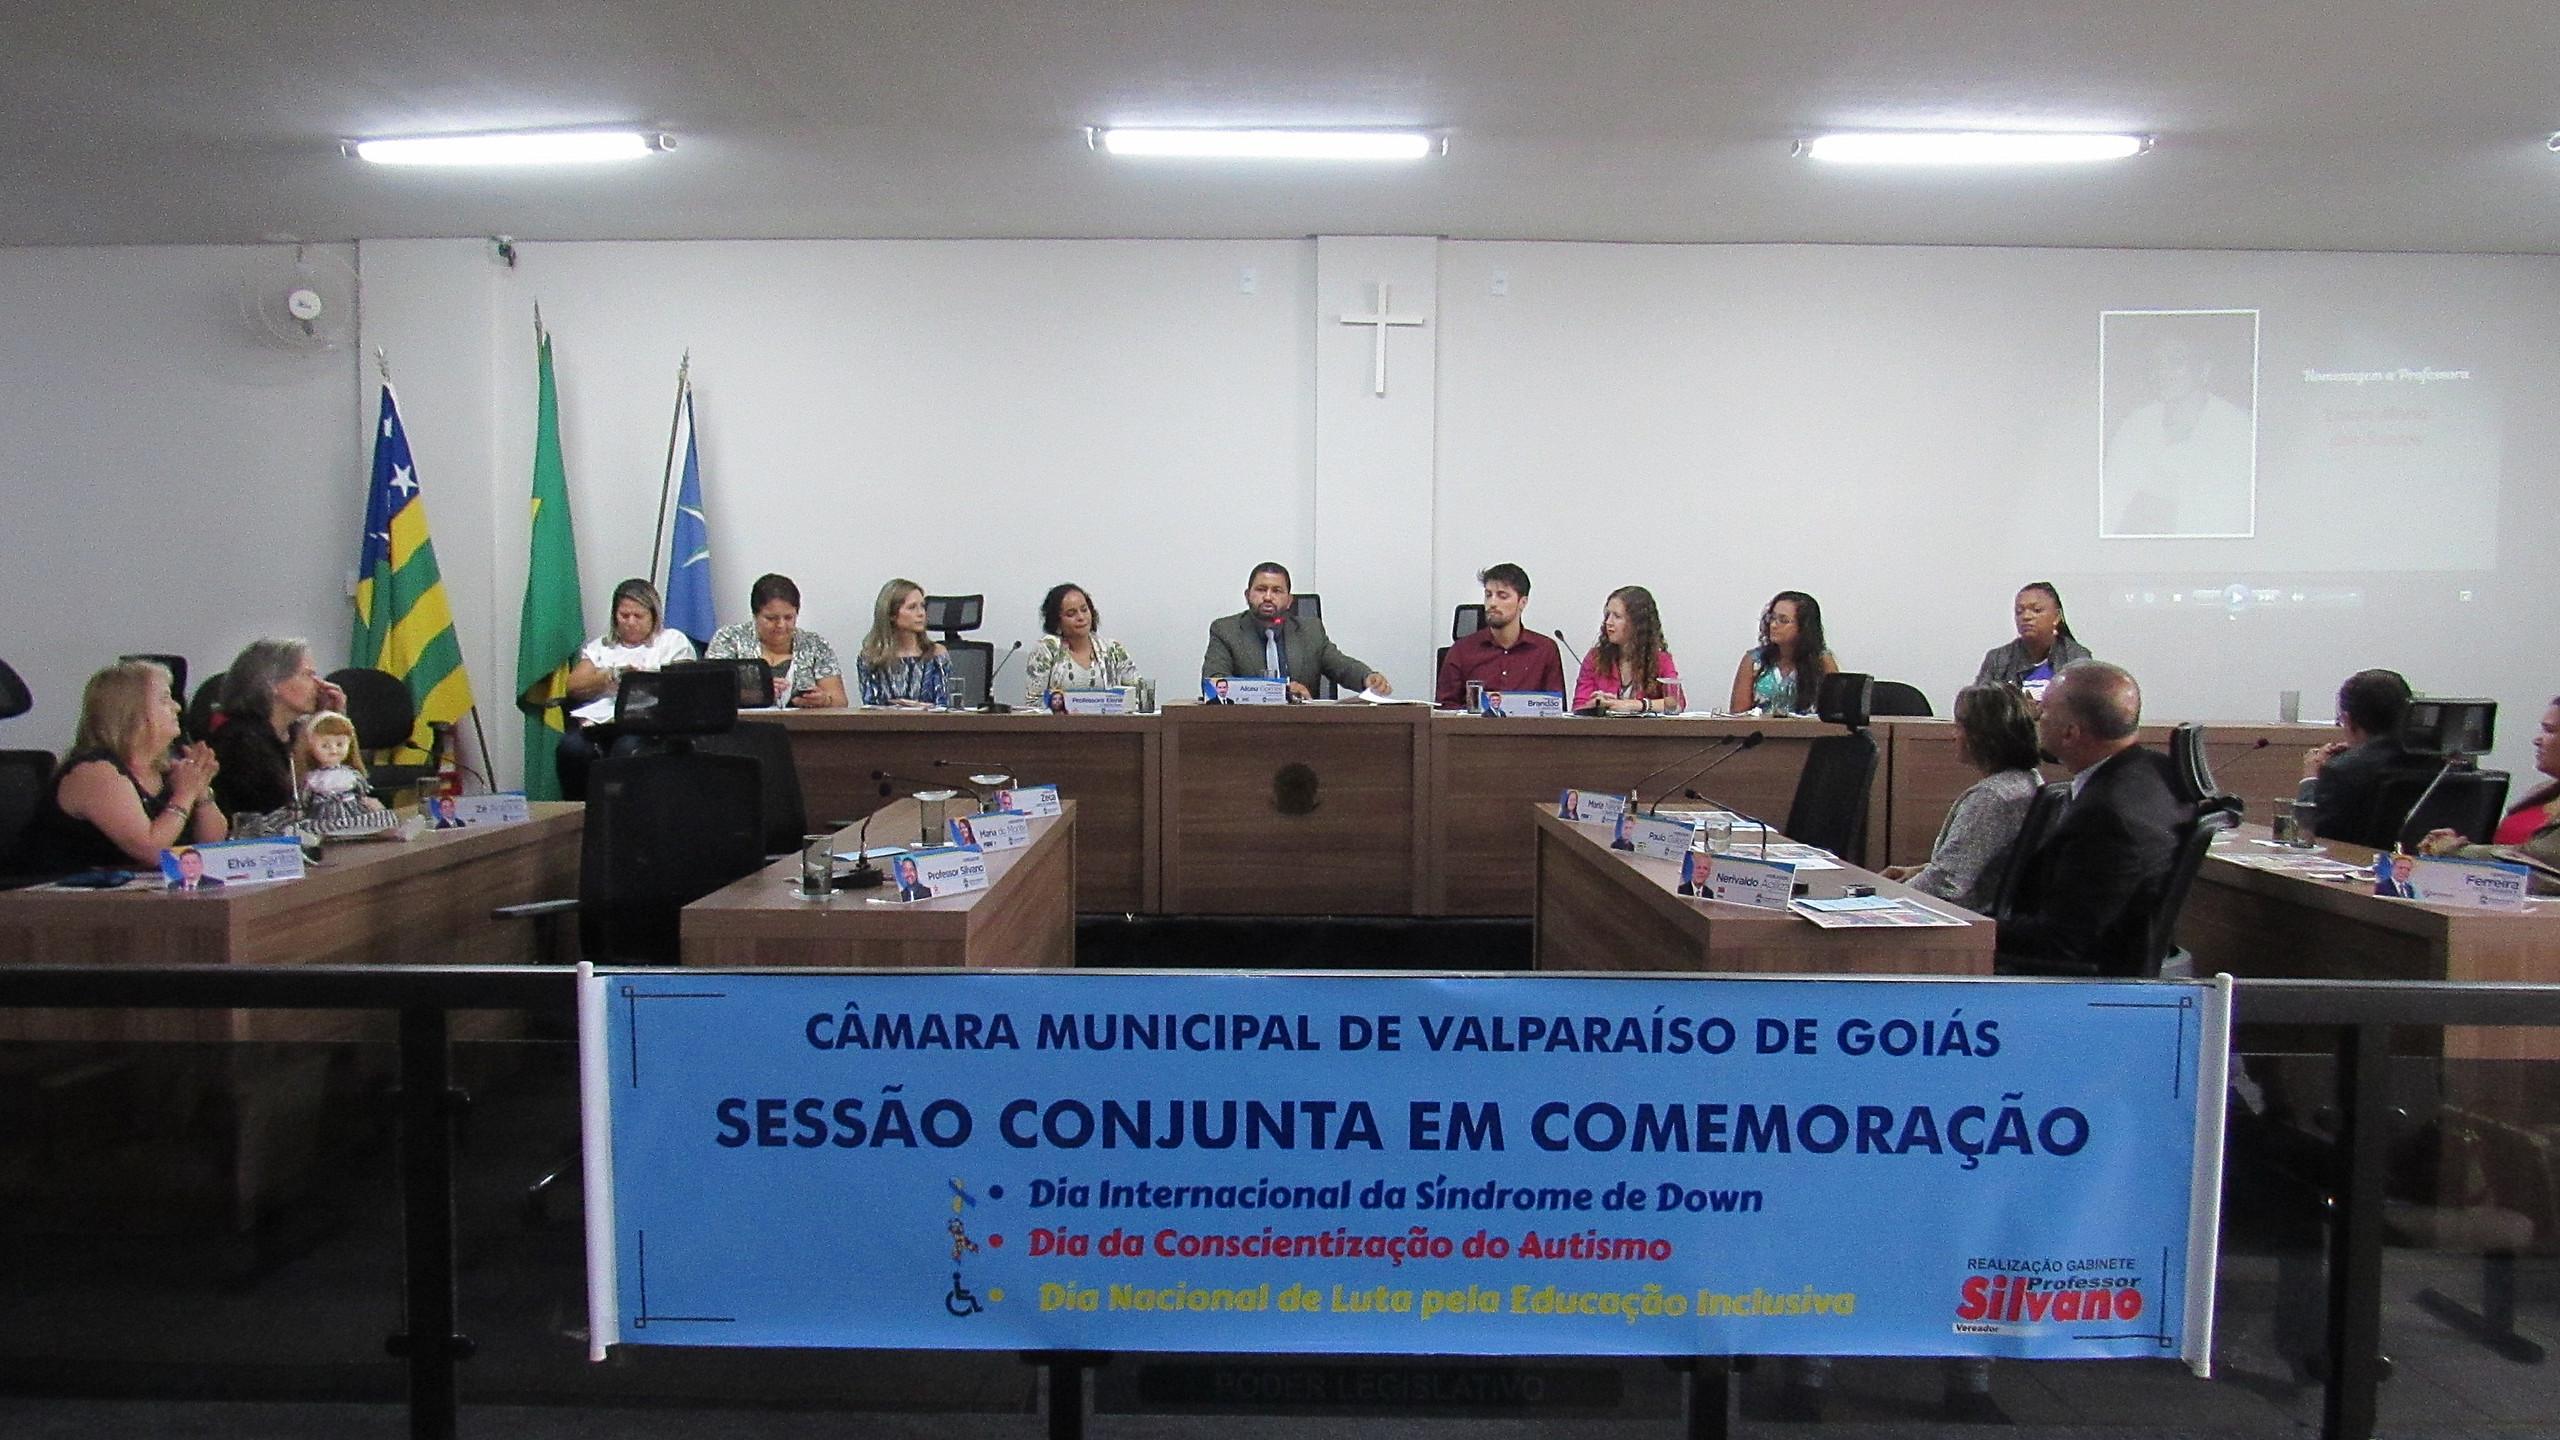 Câmara Municipal de Valparaíso comemora o Dia Internacional da Síndrome de Down, da Conscientização do Autismo e da Luta pela Educação Inclusiva